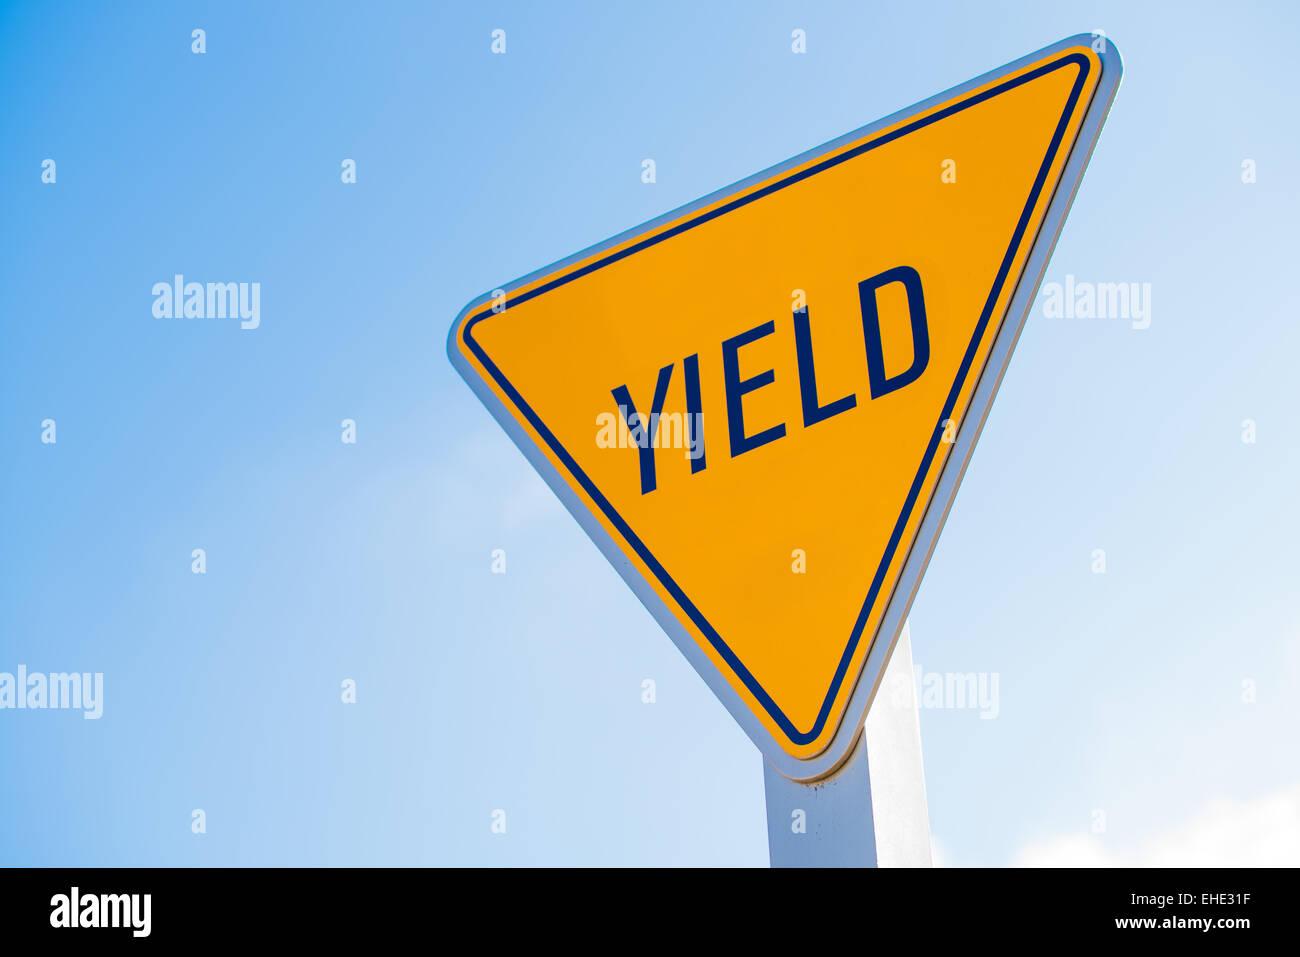 Eine gelbe Ertrag Schild mit einem blauen Himmelshintergrund Stockbild